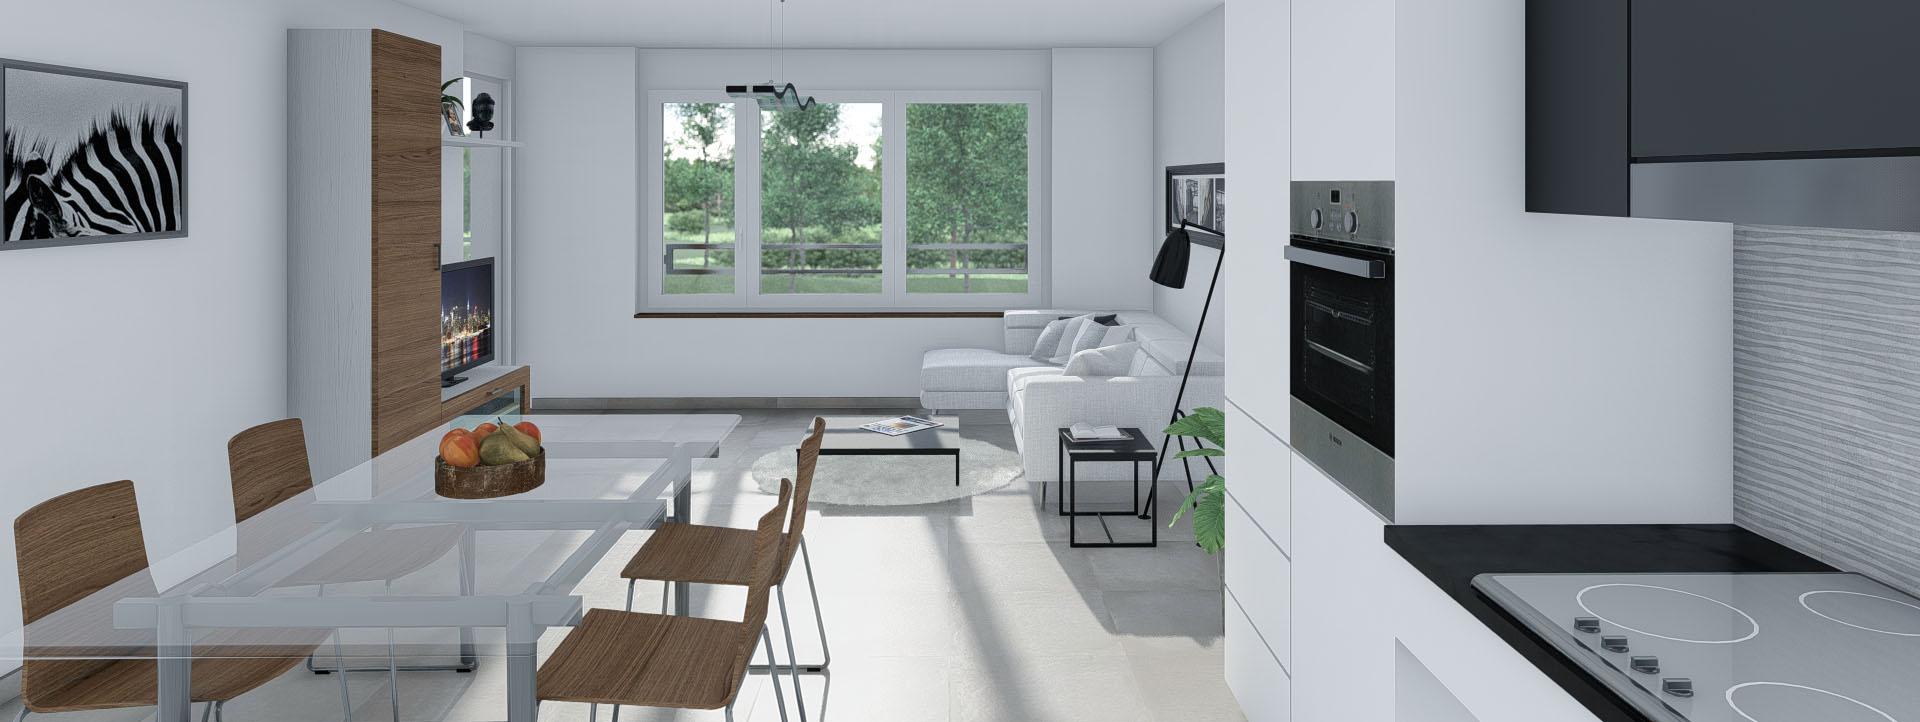 Les-Marguerites2_interieur_cuisine